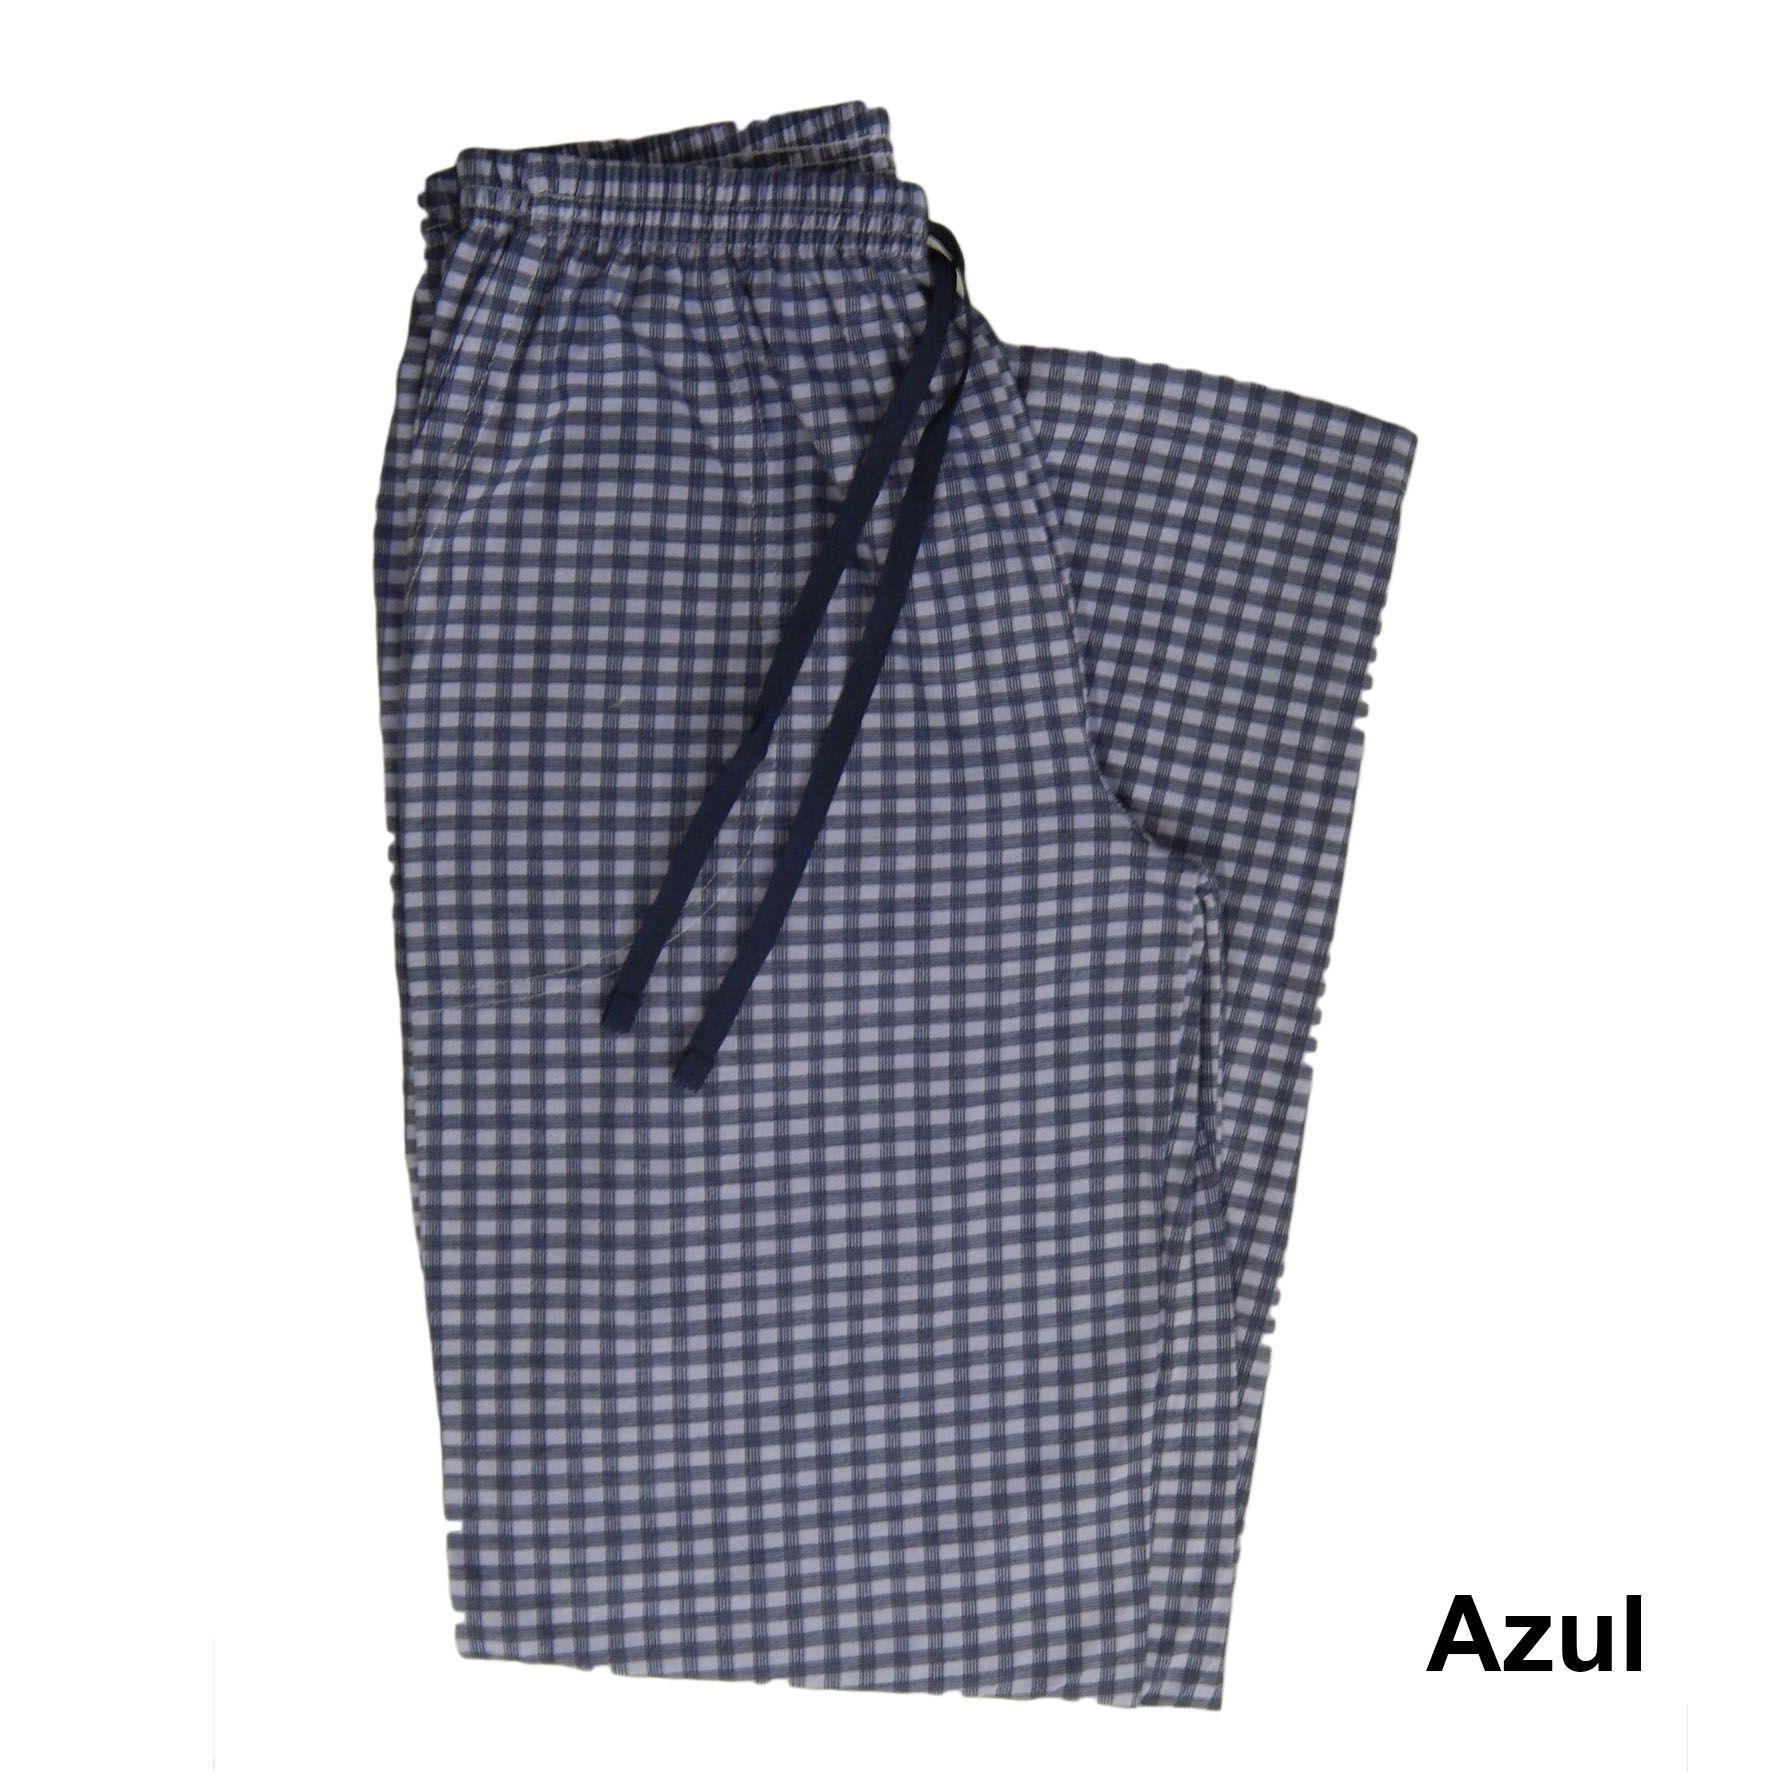 Calça Avulsa Masculina Xadrez de Algodão com cordão e bolso Foxx 262614